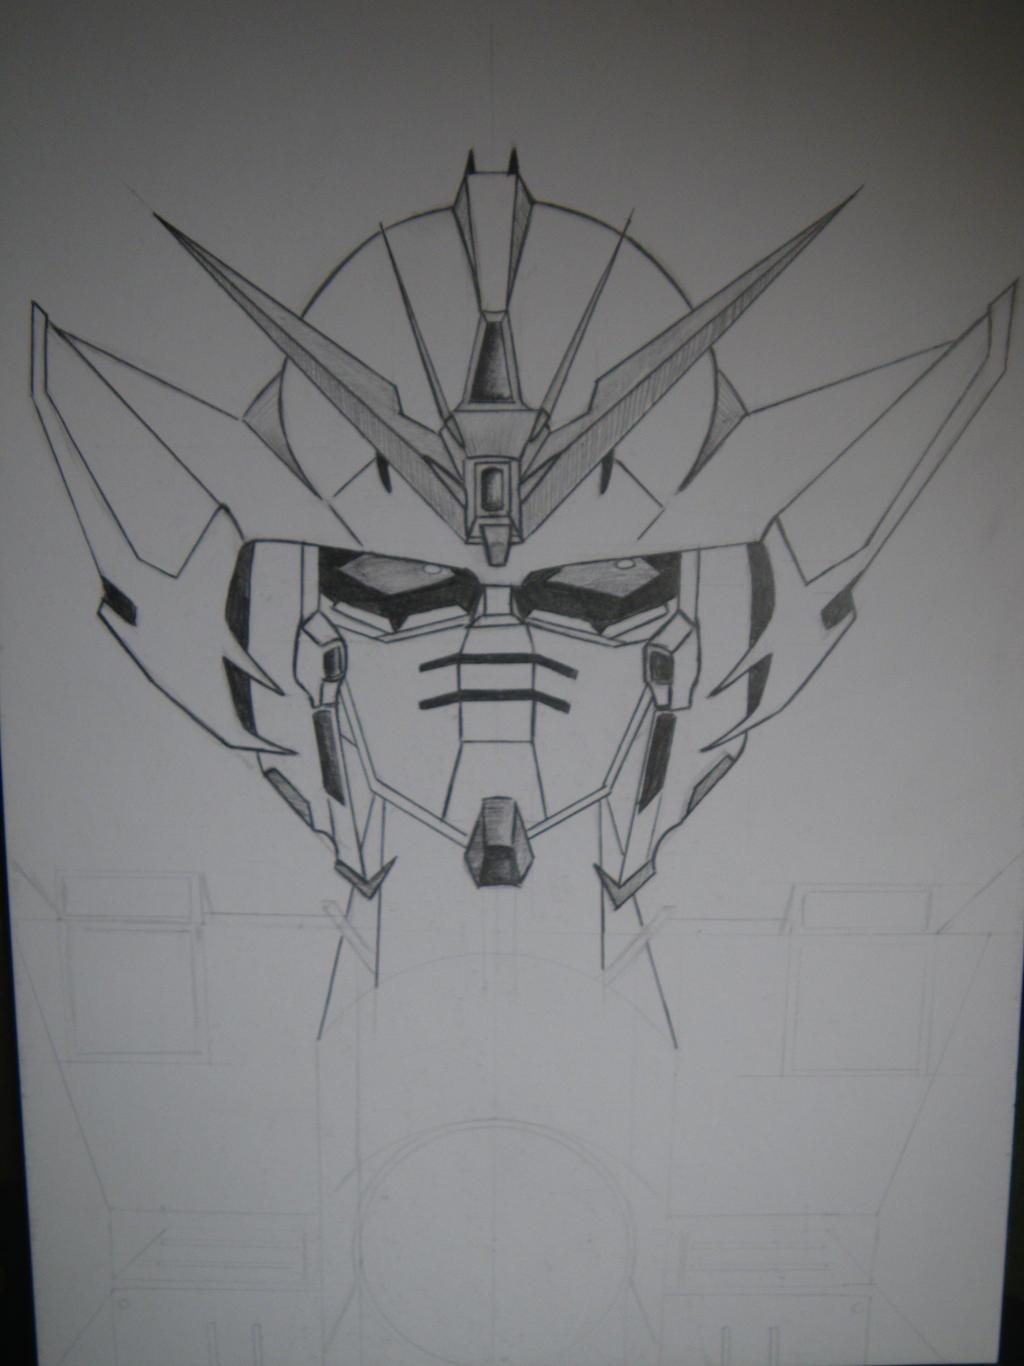 Gundam wing Zero head (unfinished) by Arsiekdhol on DeviantArt